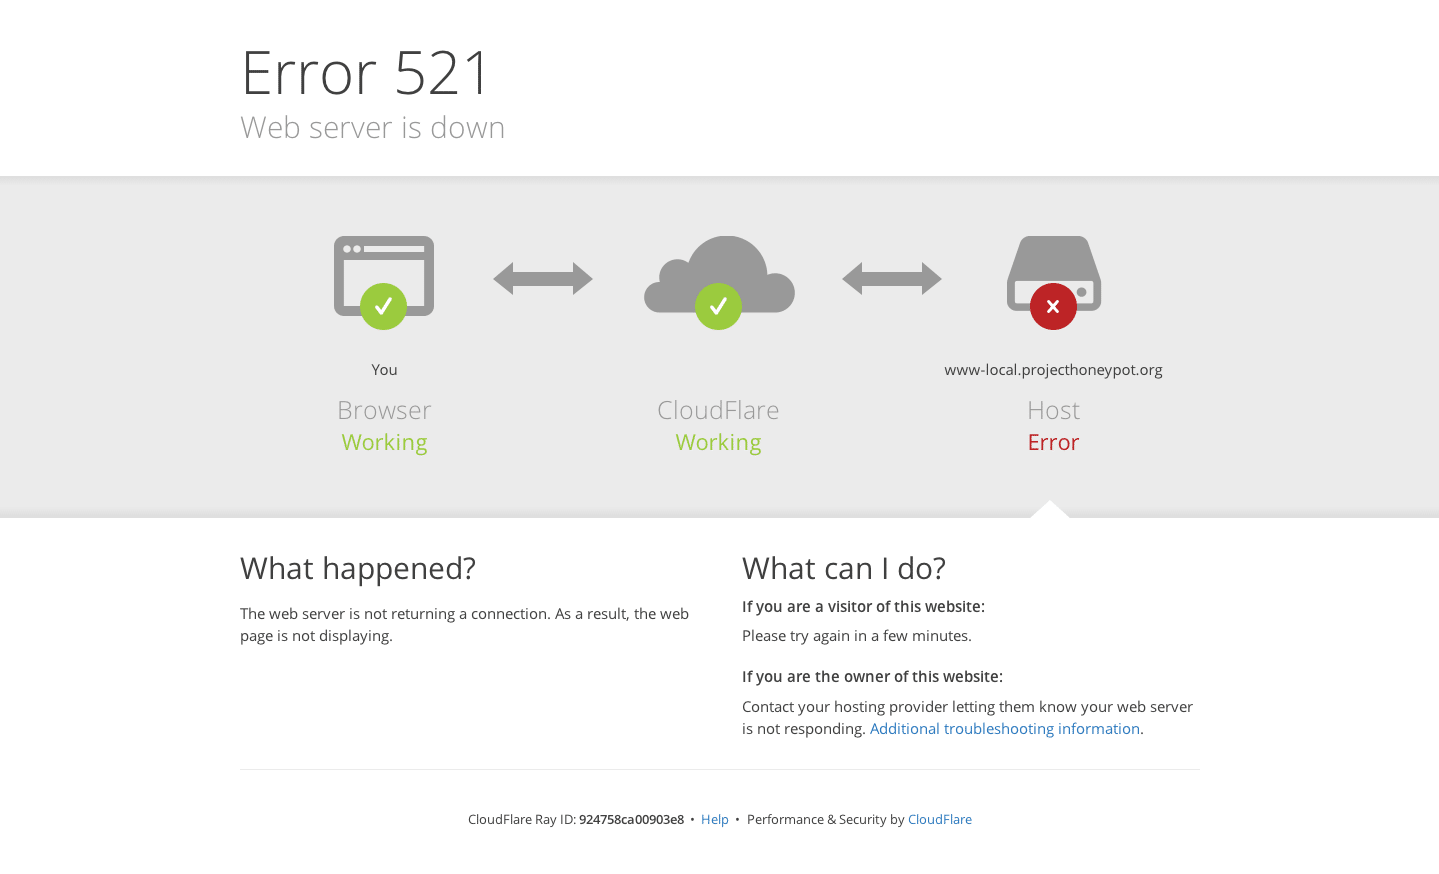 Ein Beispiel für die Fehlermeldung 521